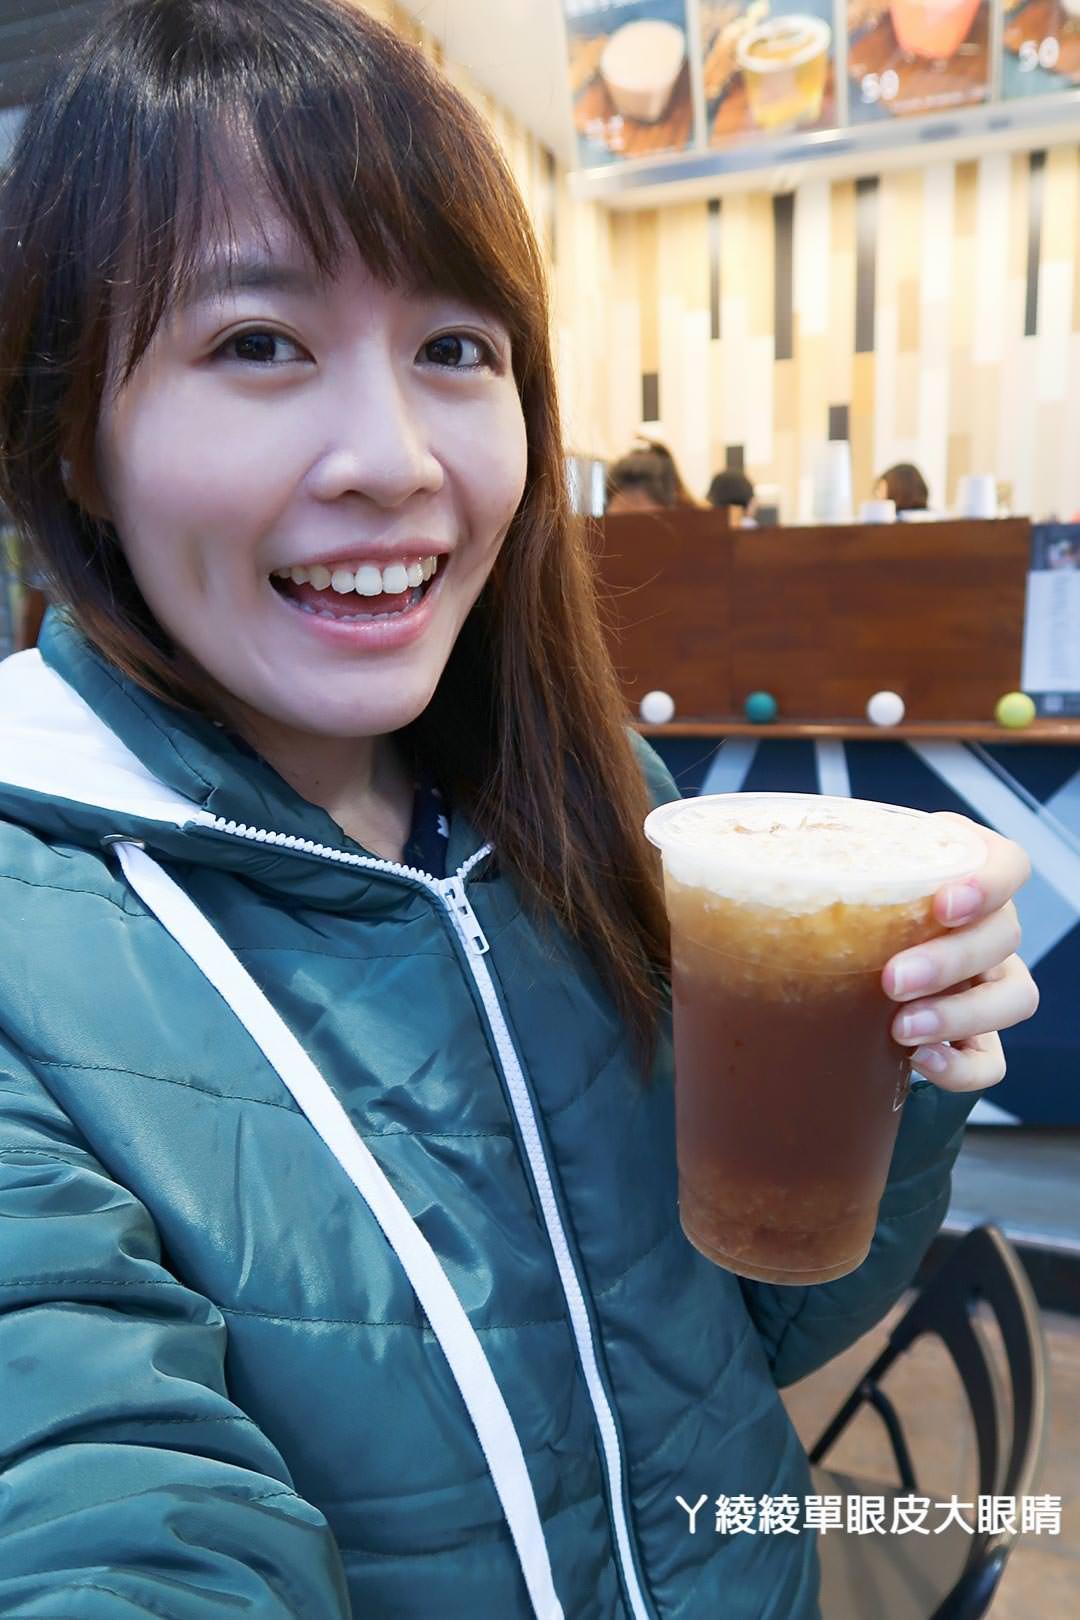 苗栗頭份飲料店推薦《小飲品Little Drinking》,冷天氣就是要喝暖呼呼的冬季飲品